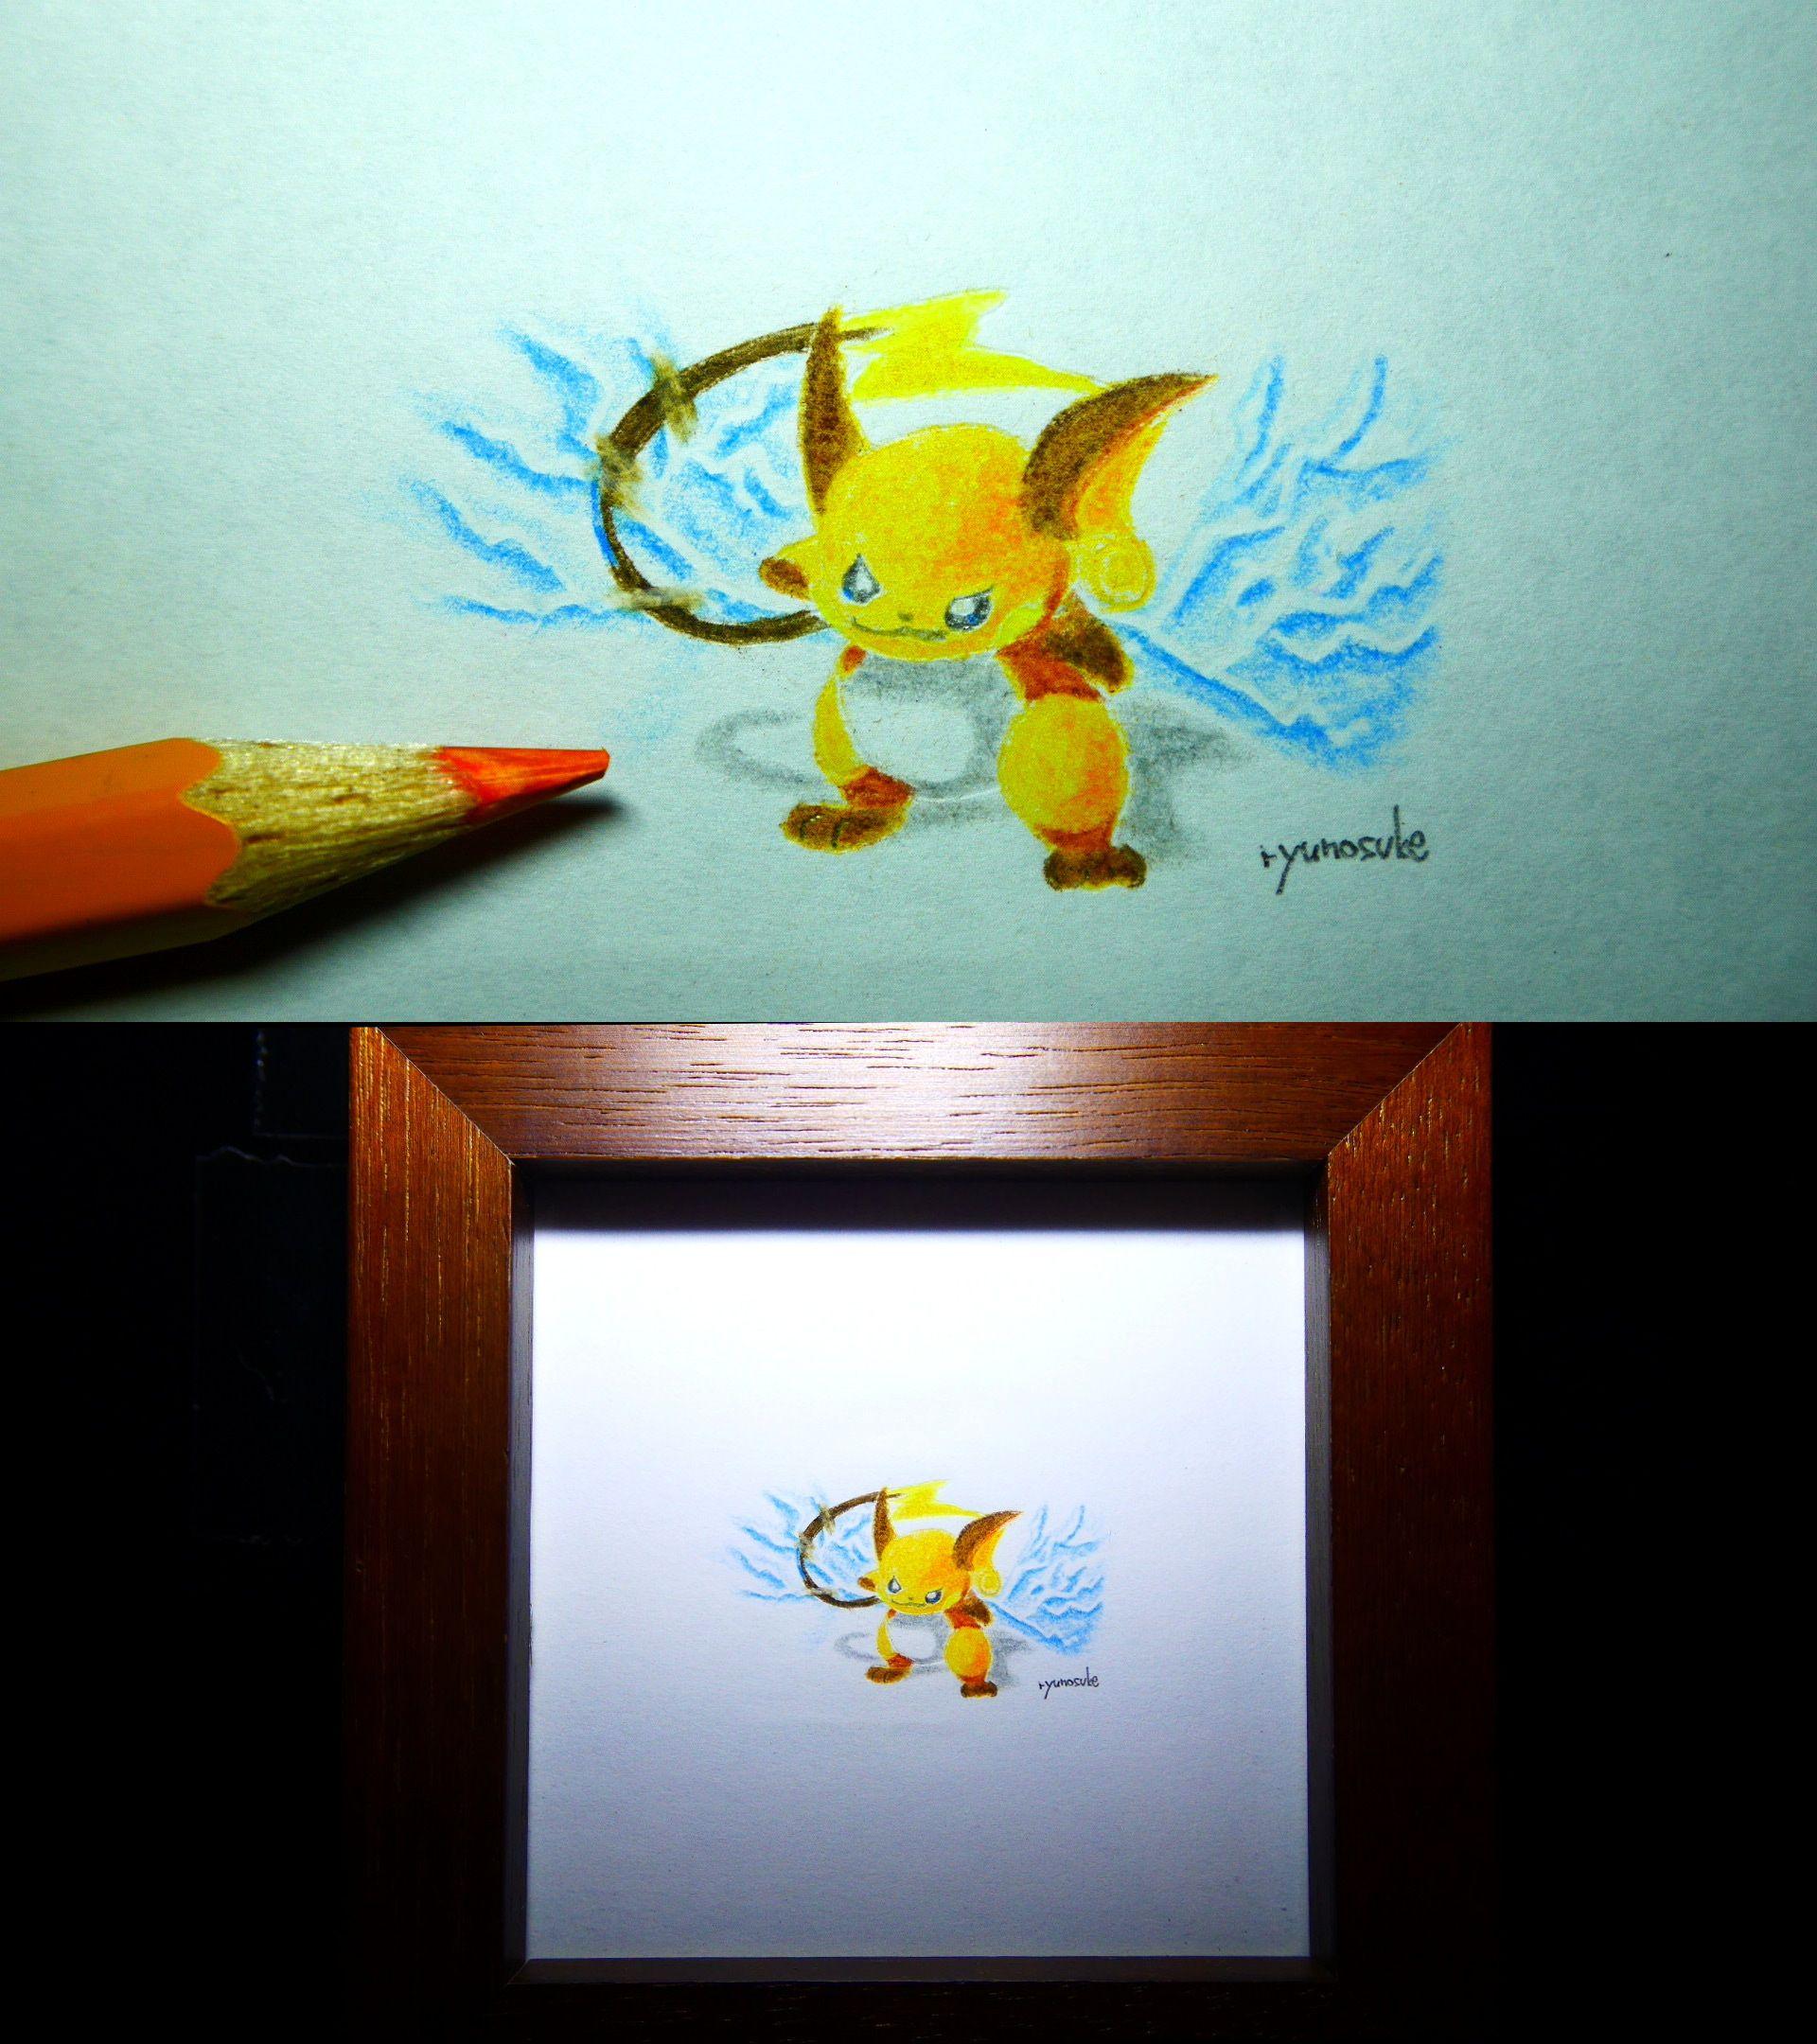 pokemon #go #raicyu #art #ポケモン #ライチュウ #ポケモン図鑑